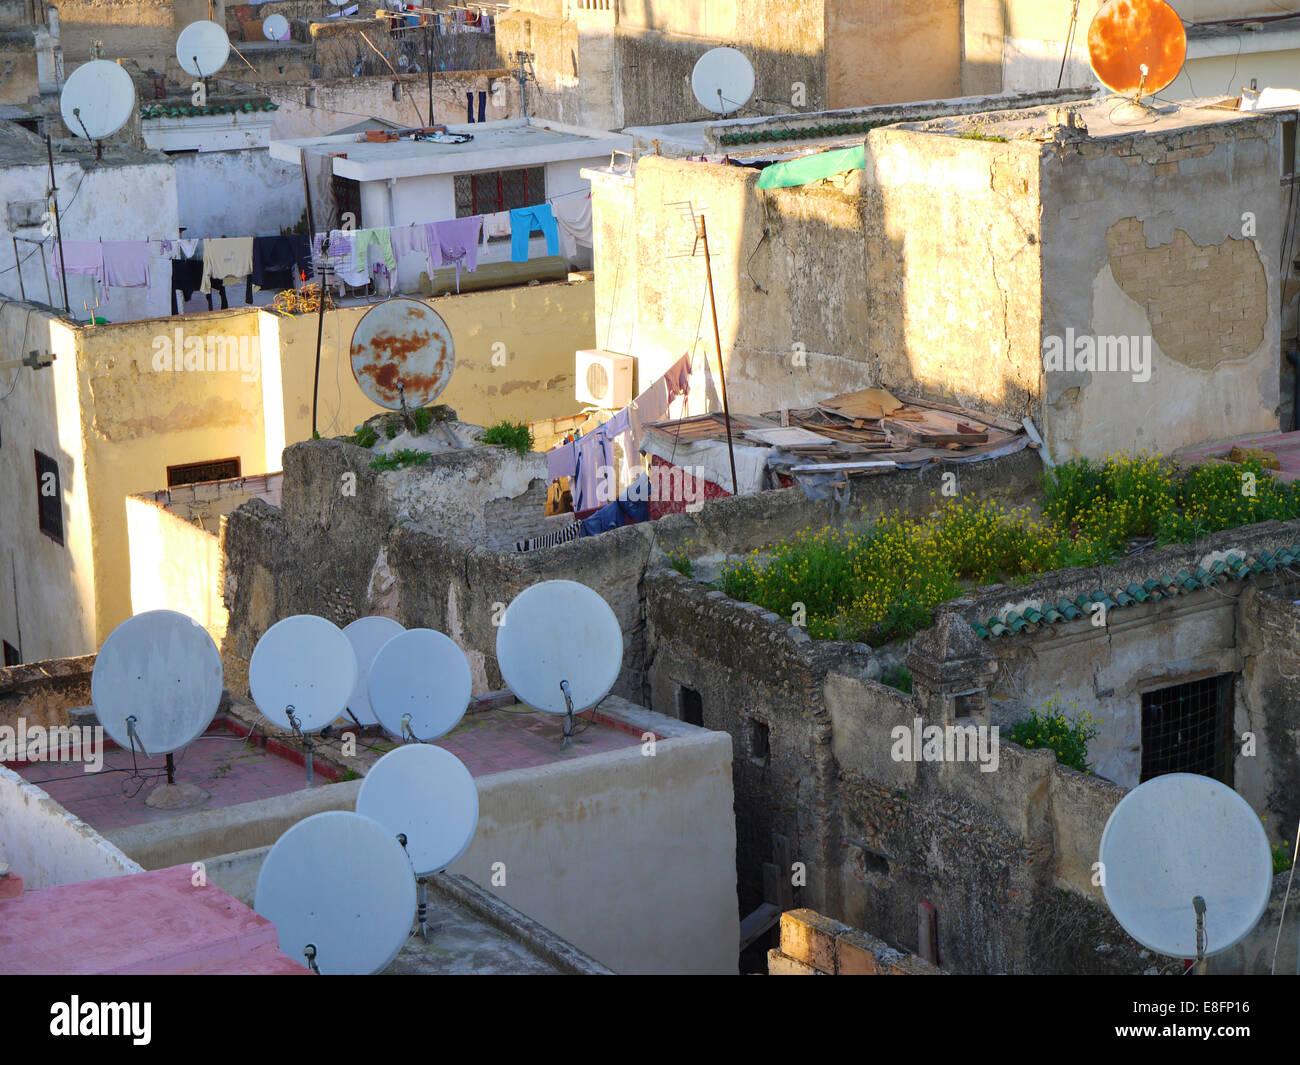 Satellitenschüsseln auf die Dächer der Stadt, Marokko Stockbild